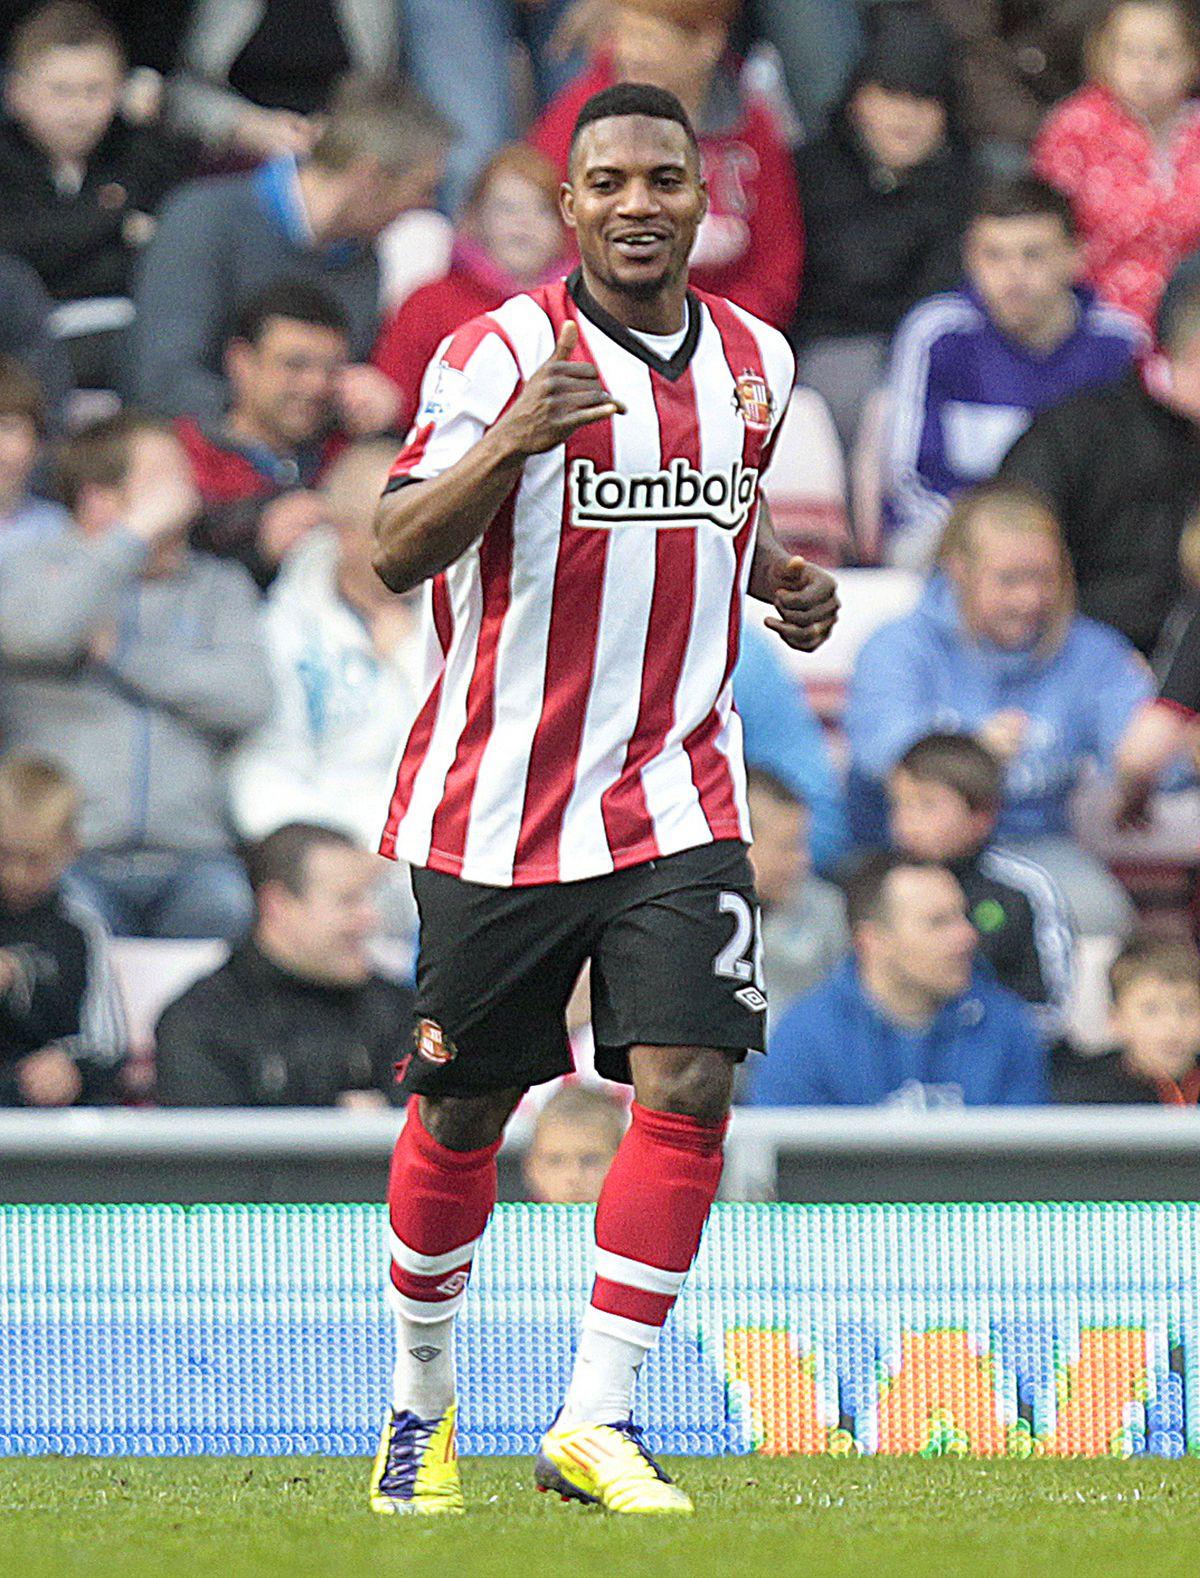 Sunderland's Beninese midfielder Stephan